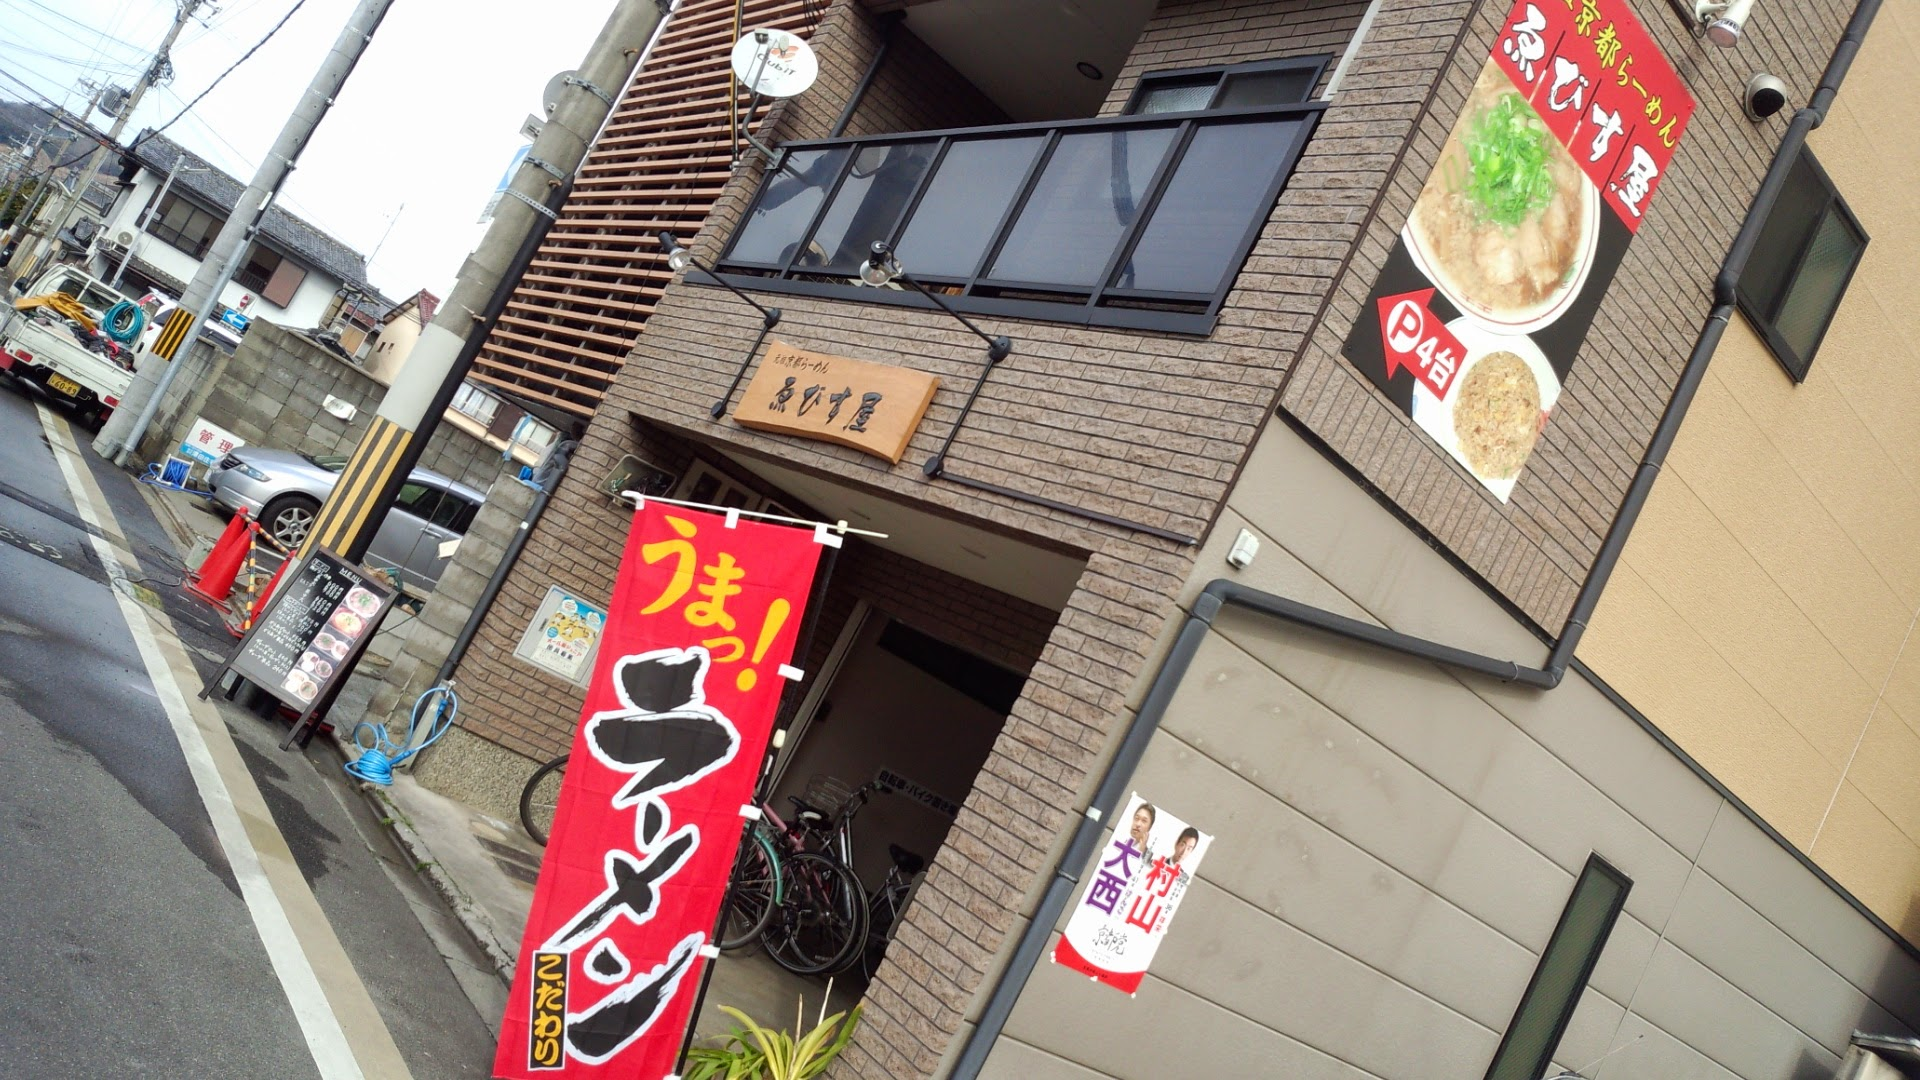 元祖京都らーめんゑびす屋さん